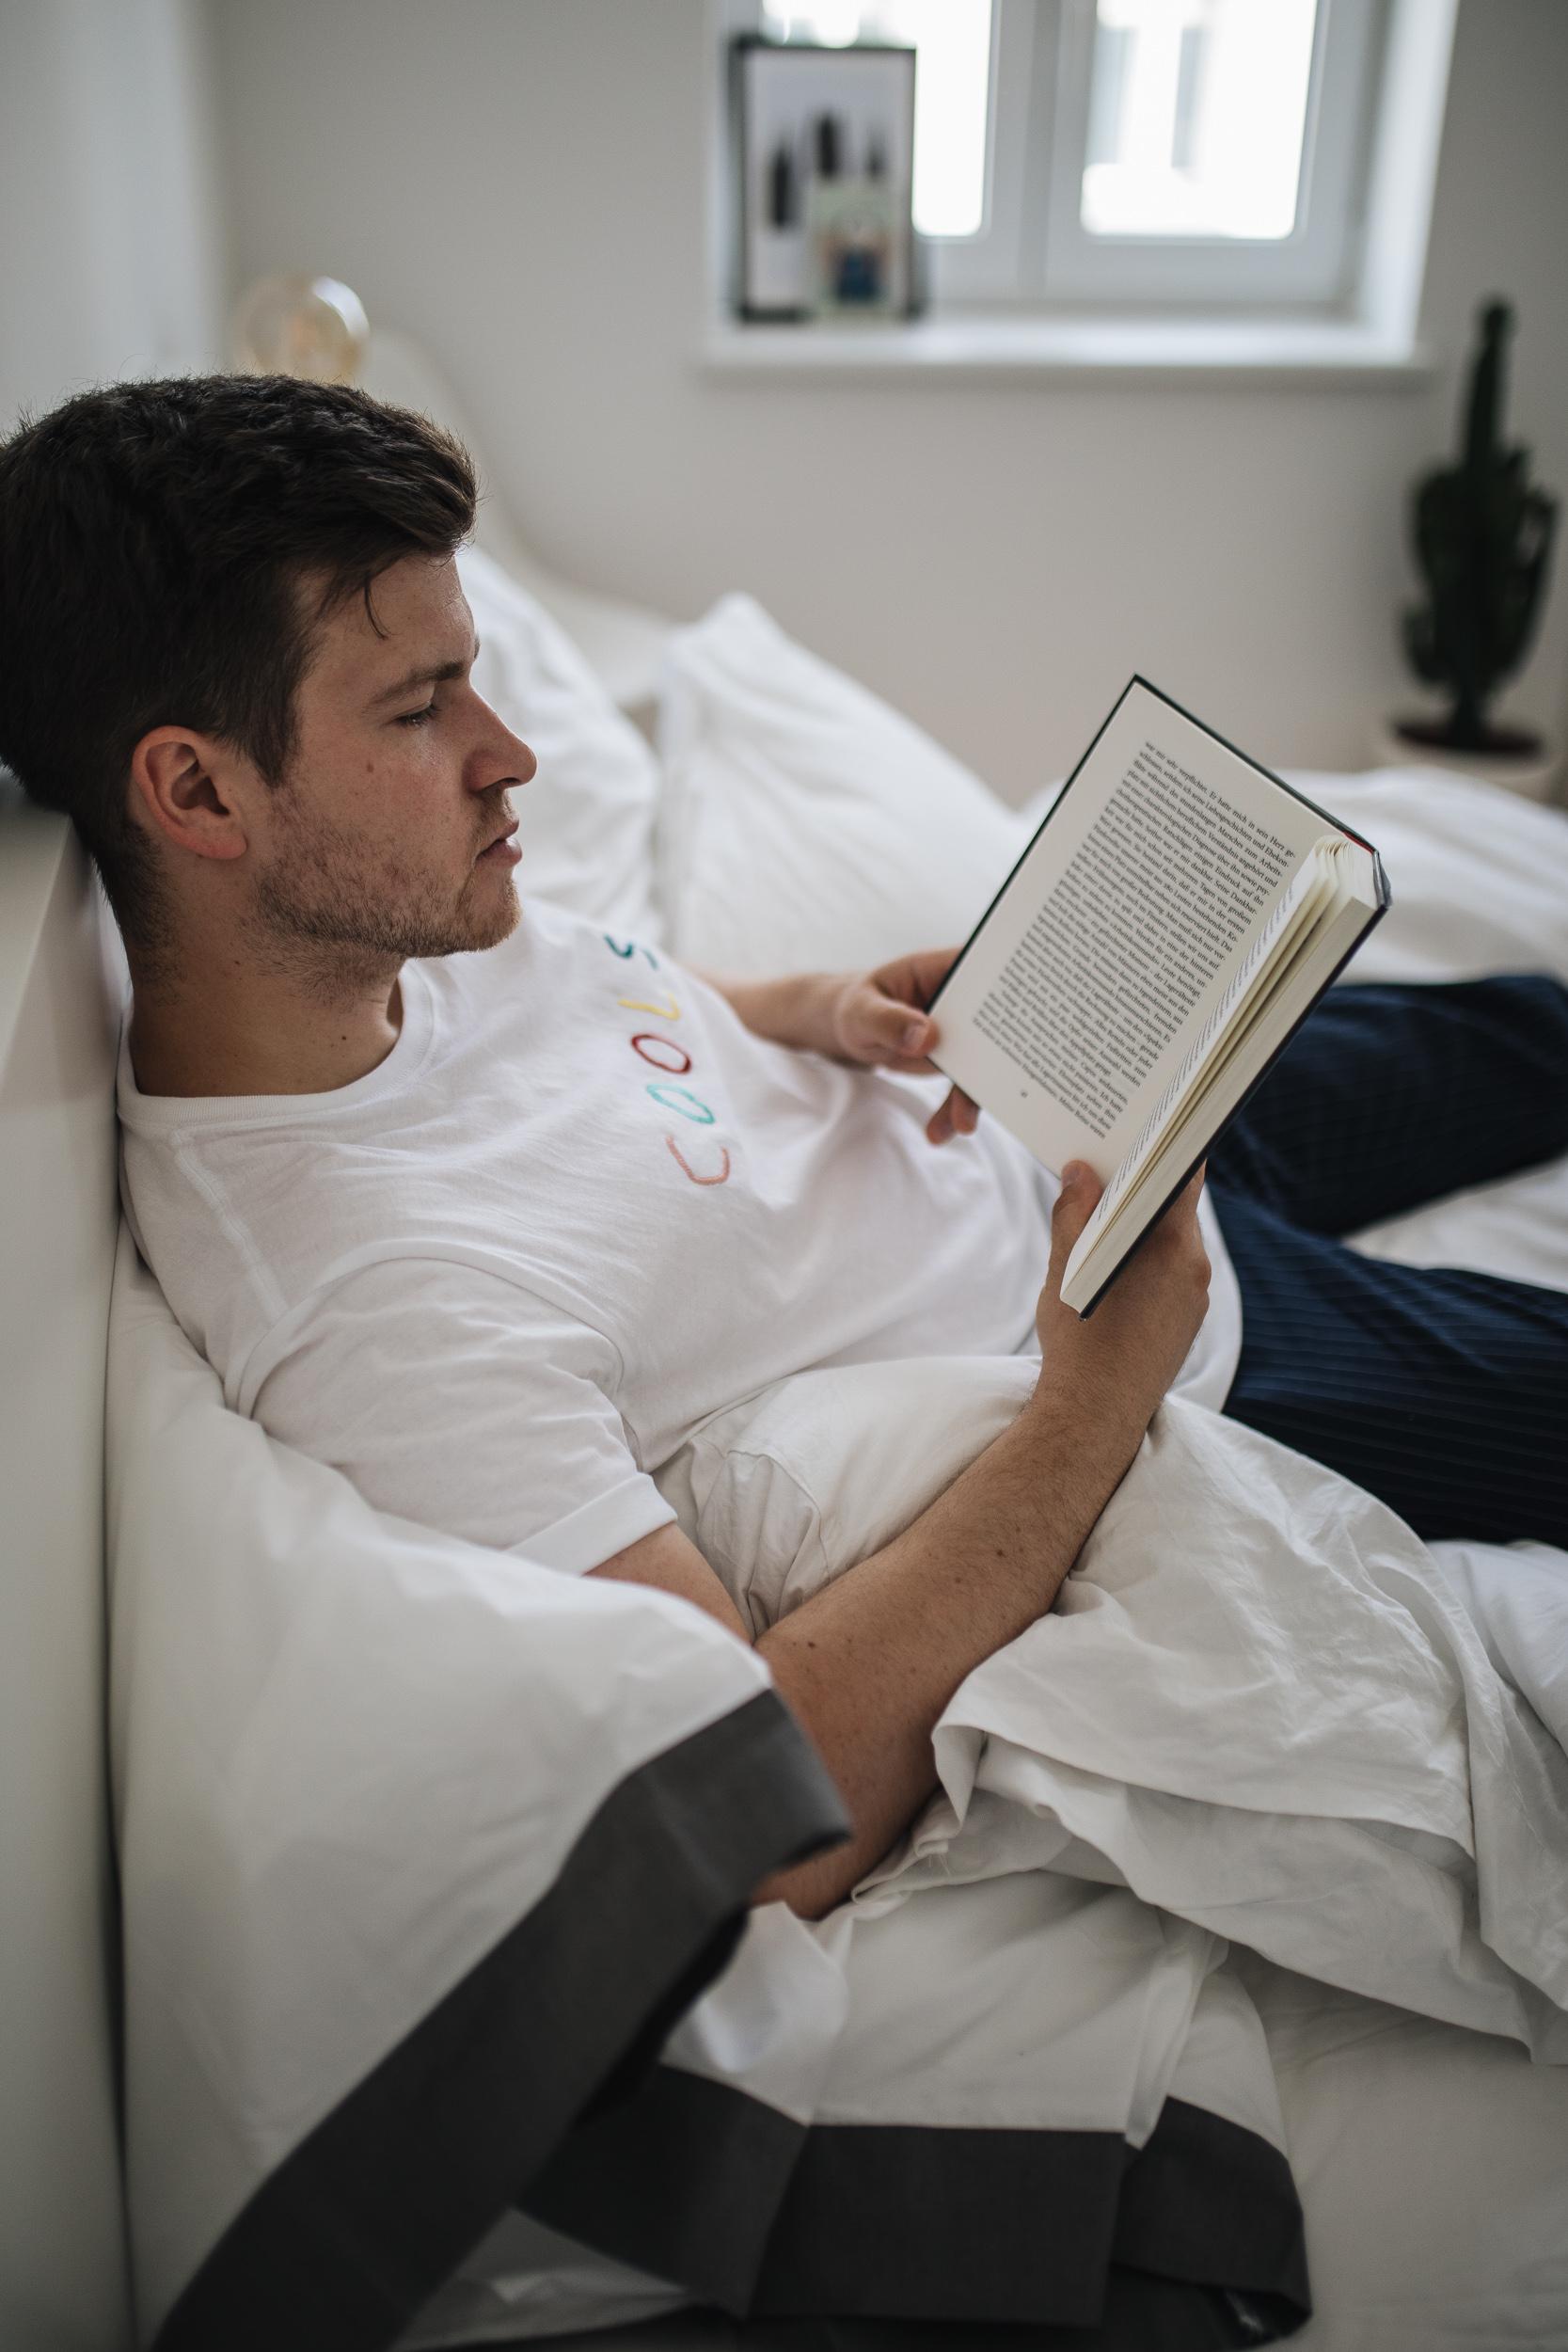 casper matraze affordable haben wir uns im nachgang noch fr den passenden entschieden der extra. Black Bedroom Furniture Sets. Home Design Ideas